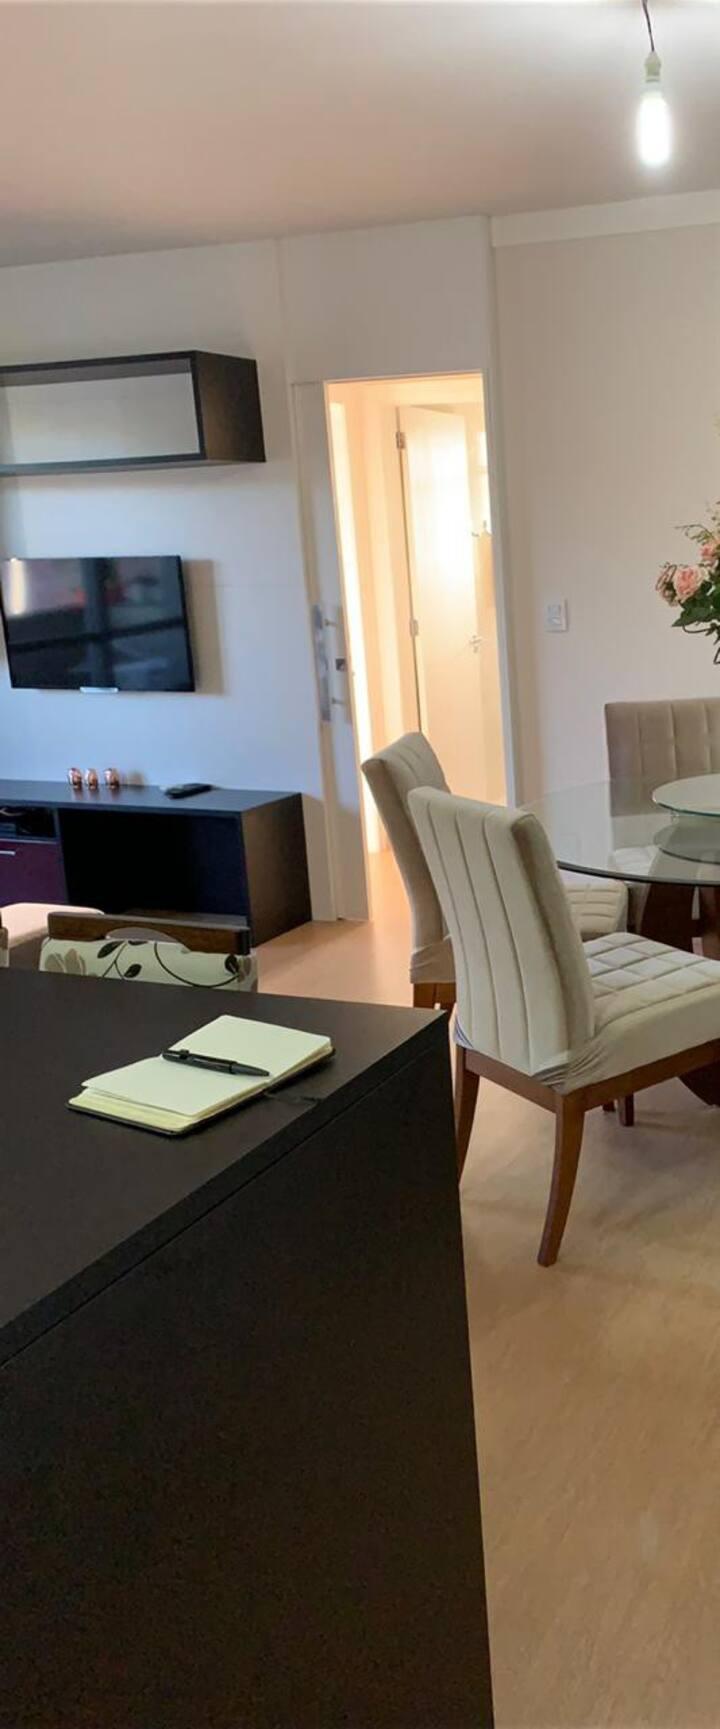 Apartamento tranquilo e aconchegante